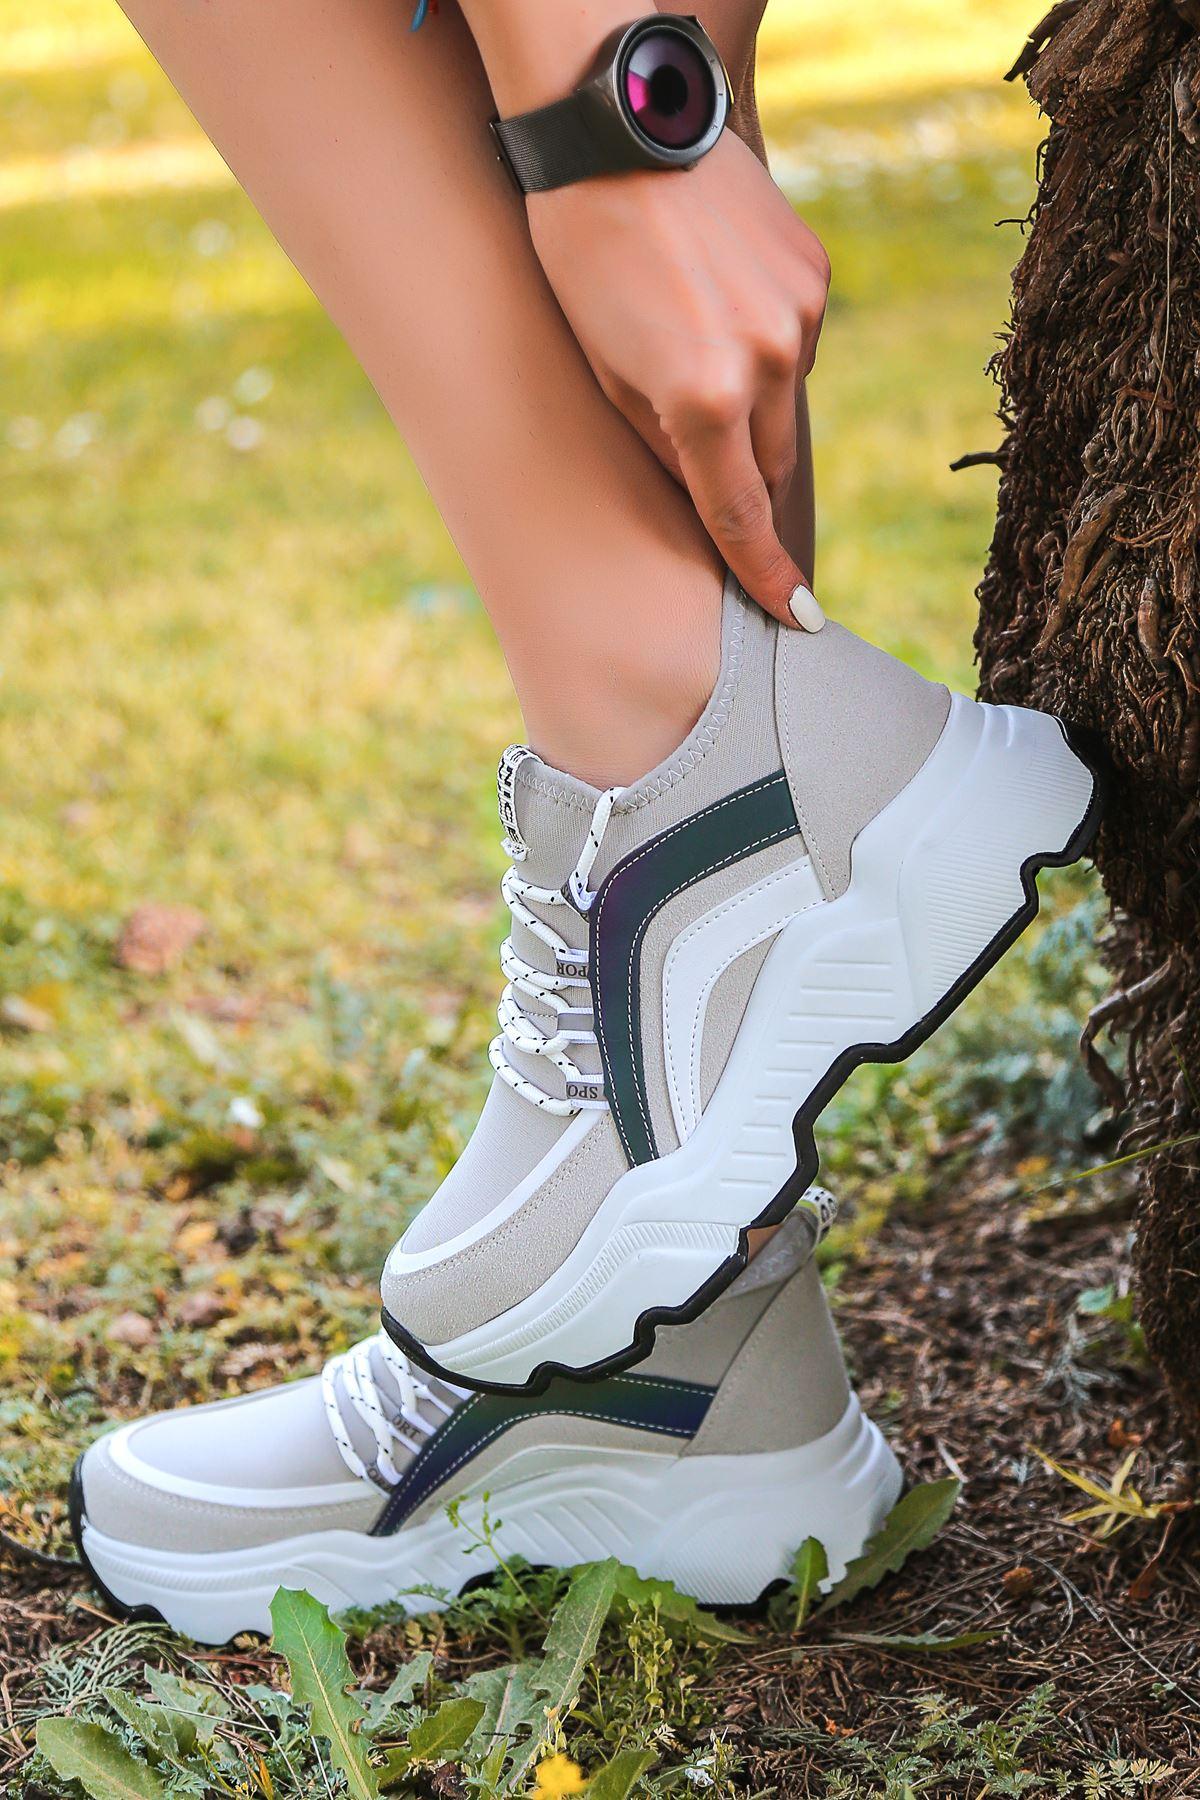 Pedro Bağcık Detaylı Hologramlı Gri Kadın Spor Ayakkabı